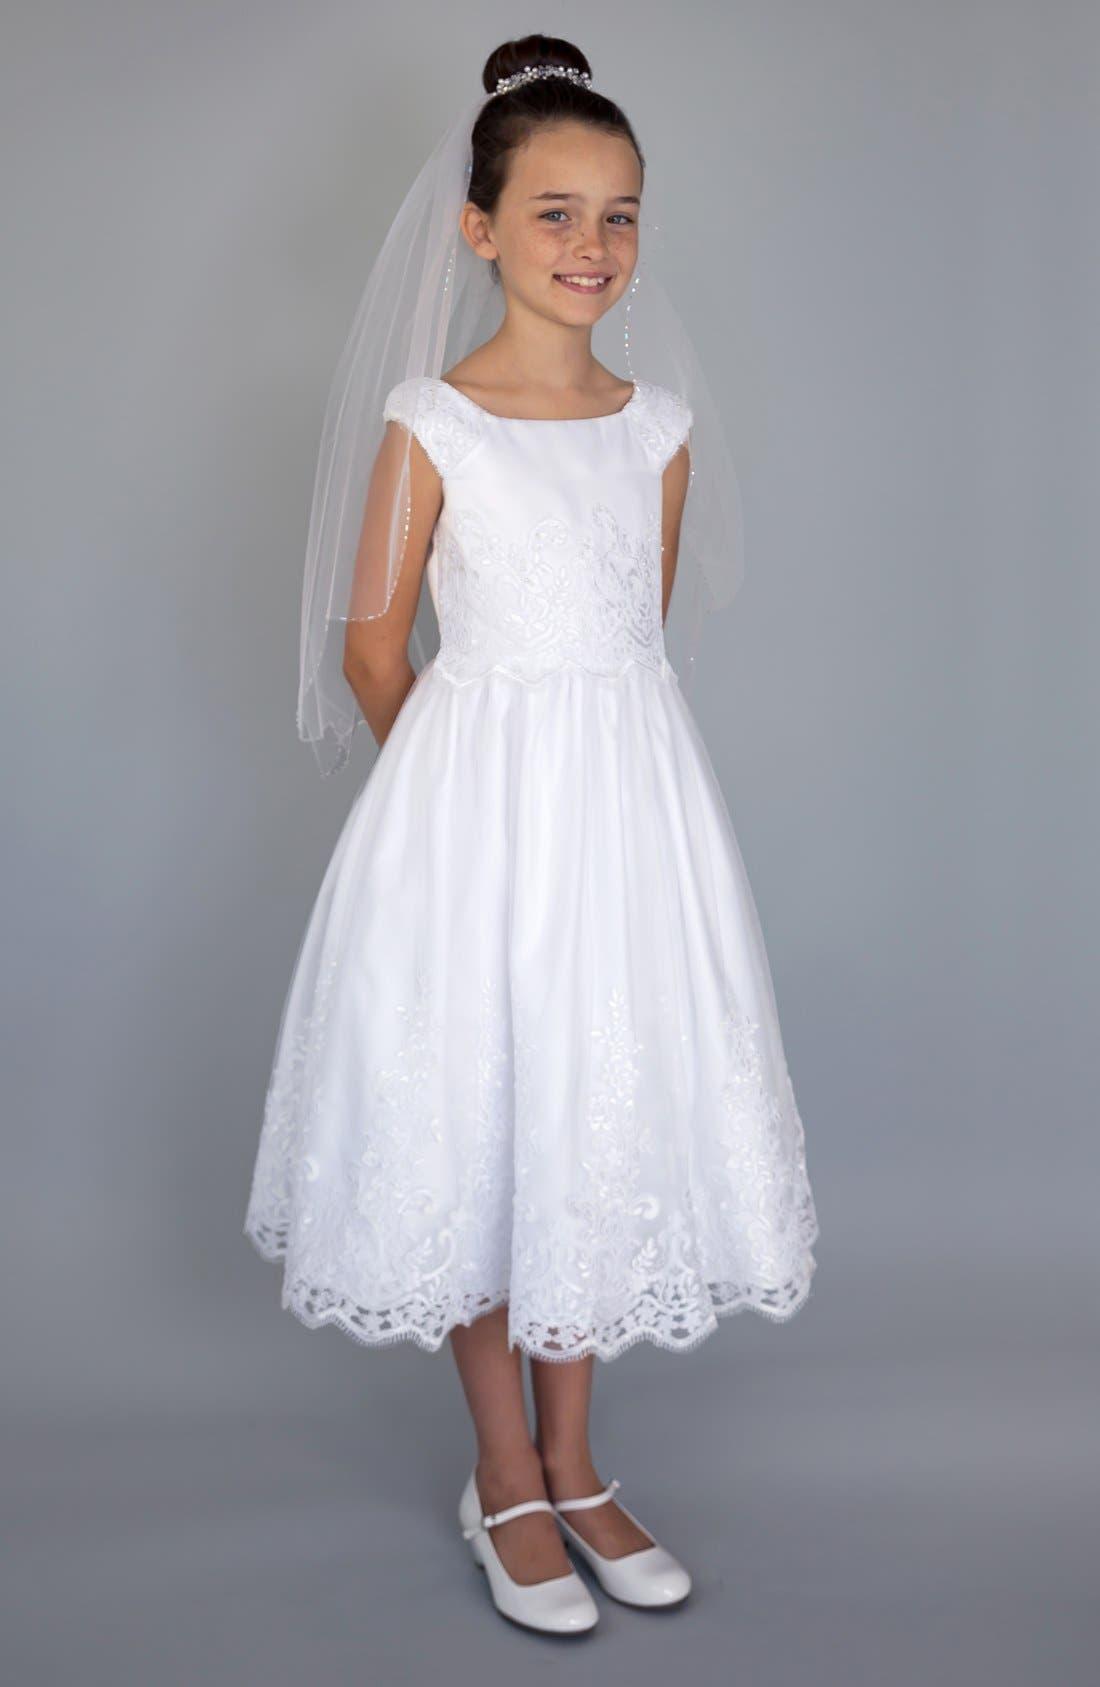 Cheap white dress for girls